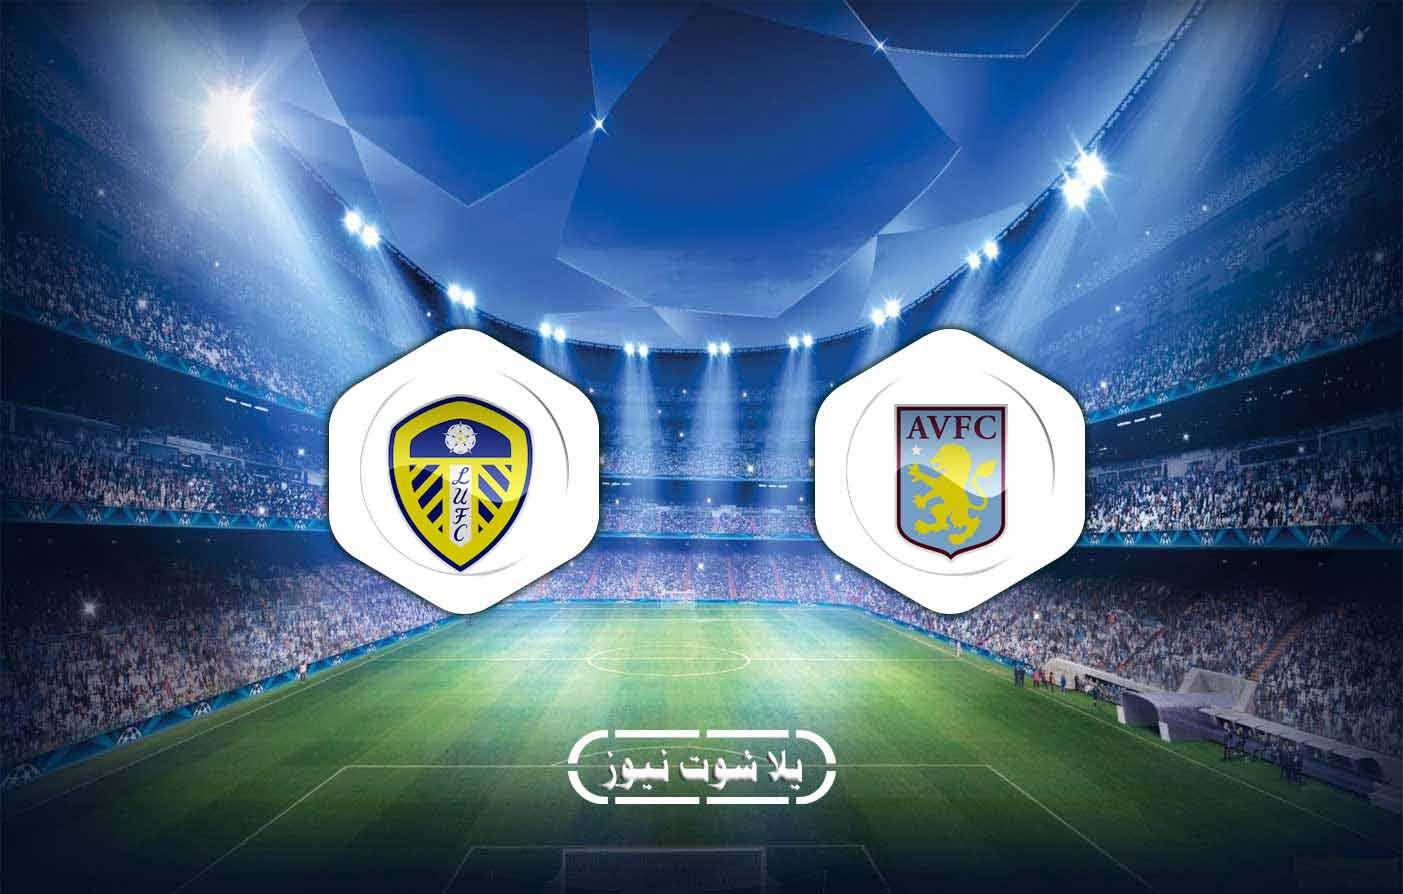 ملخص مباراة أستون فيلا 0-3 ليدز يونايتد بتاريخ 2020-10-24 الدوري الانجليزي